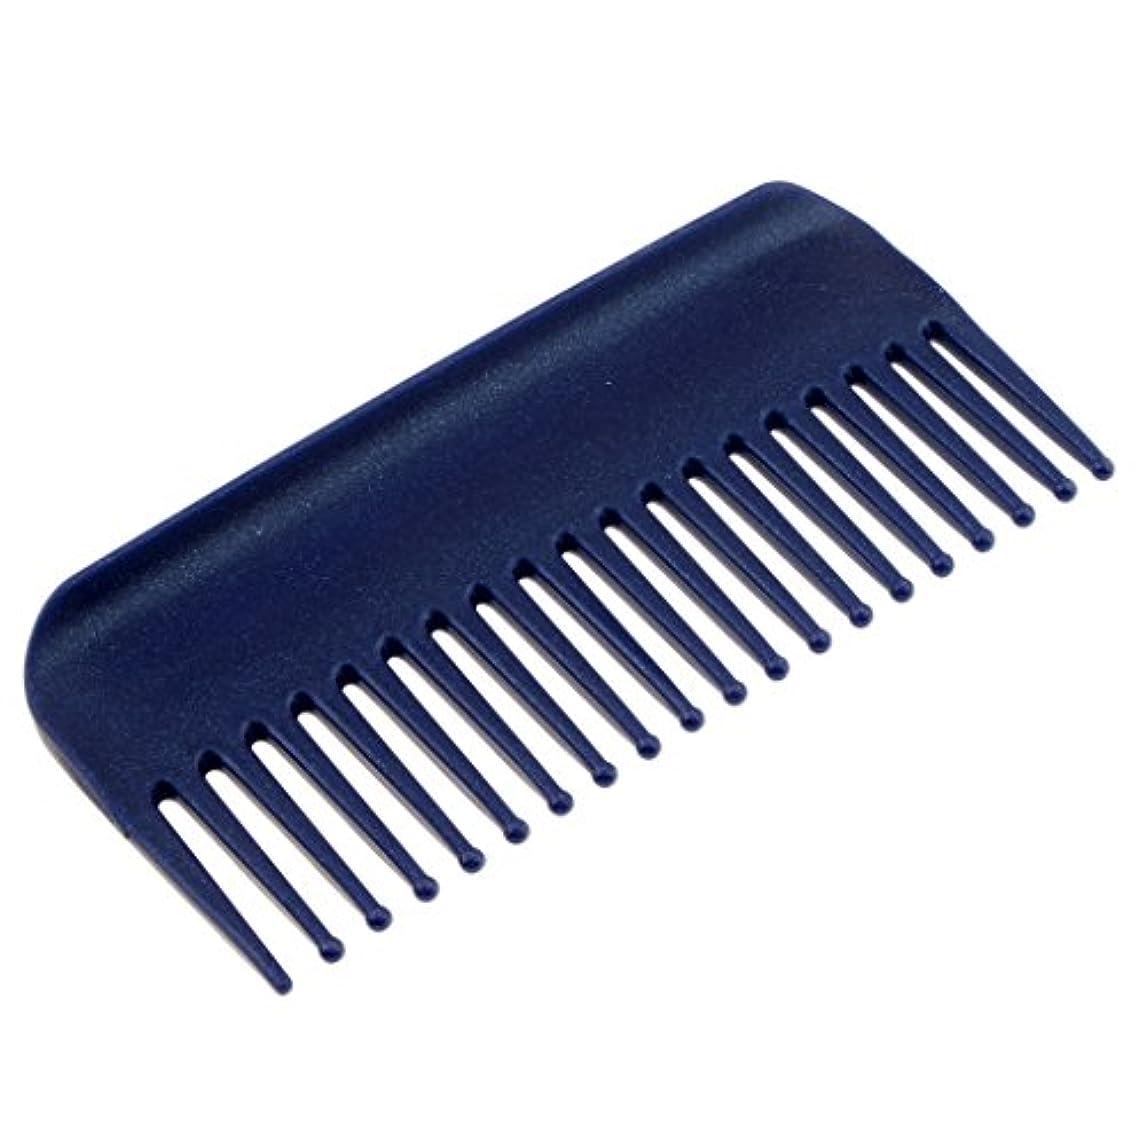 決定鬼ごっこ柔らかいヘアブラシ ヘアコーム コーム 櫛 くし 頭皮 マッサージ 耐熱性 帯電防止 高品質 4色選べる - 青